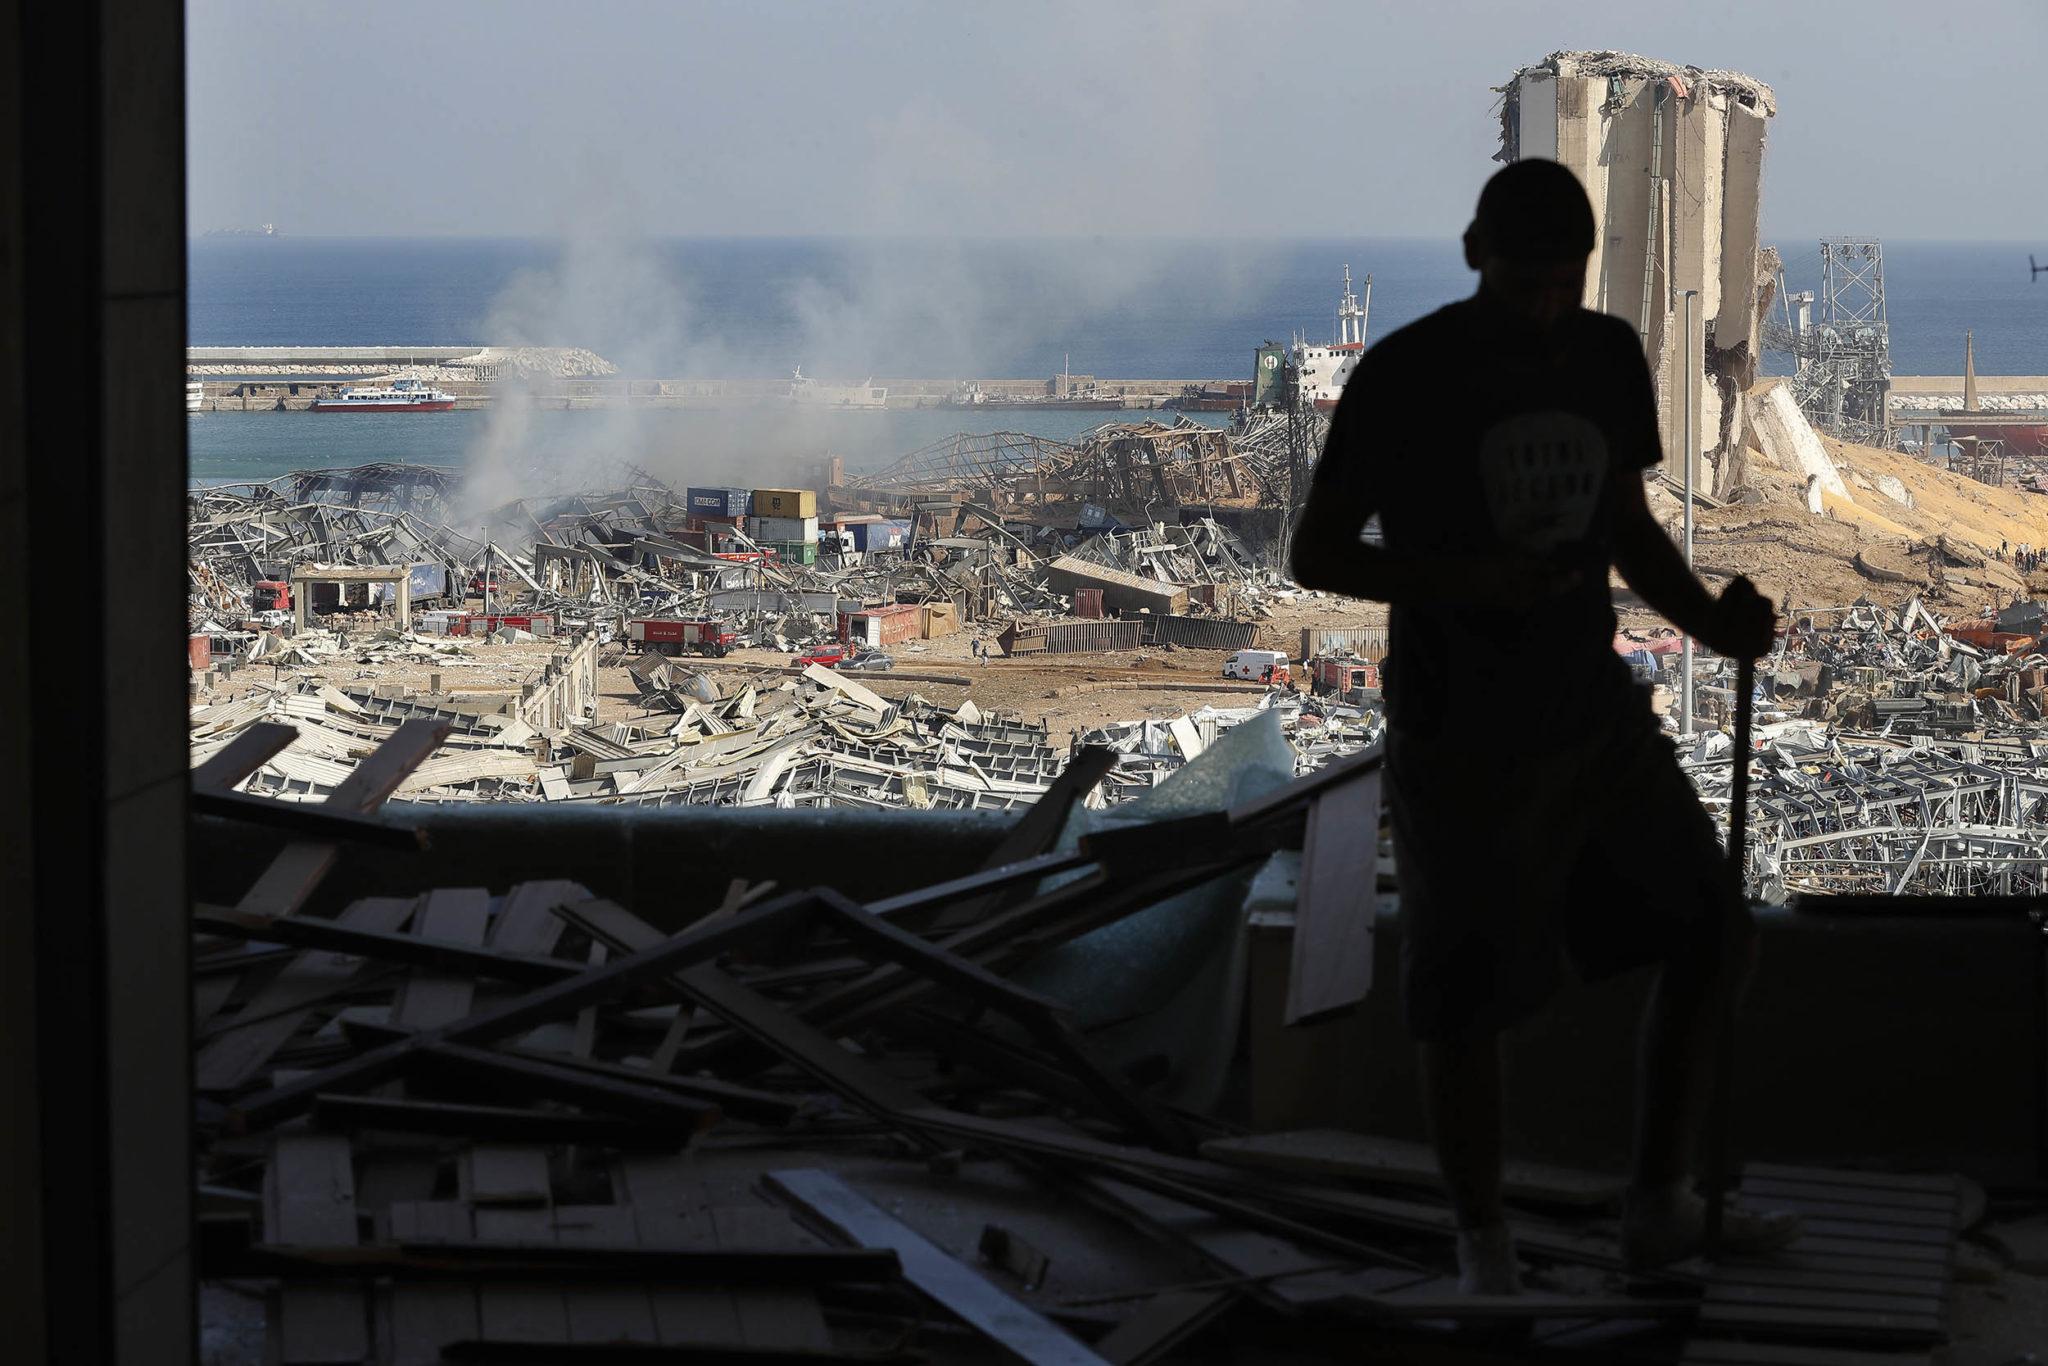 Будто кадры из фильма про Армагеддон: как выглядит Бейрут после взрывов (ФОТО, ВИДЕО) - фото 16